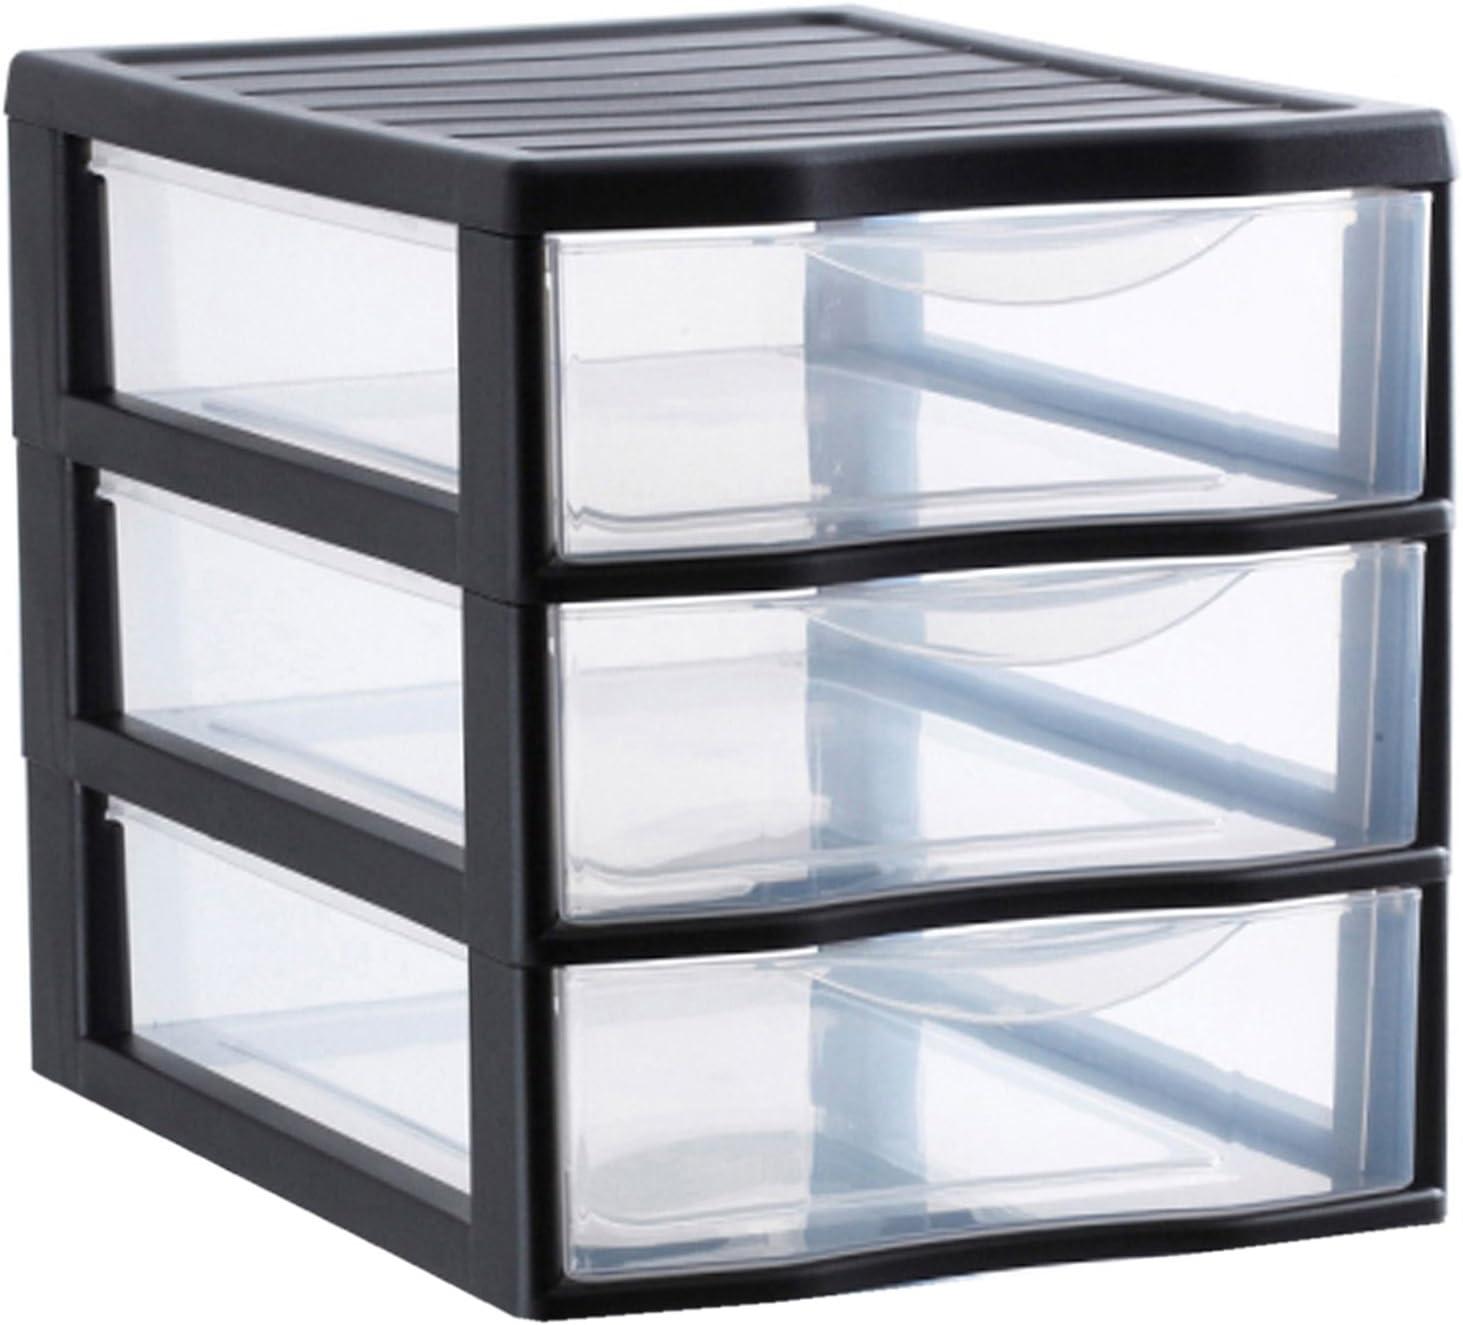 Sundis ORGAMIX A4 MM 3 tiroirs Noir Ordenación con 3 Cajón es, Transparente/Negro, 36.5x26x25.5 cm